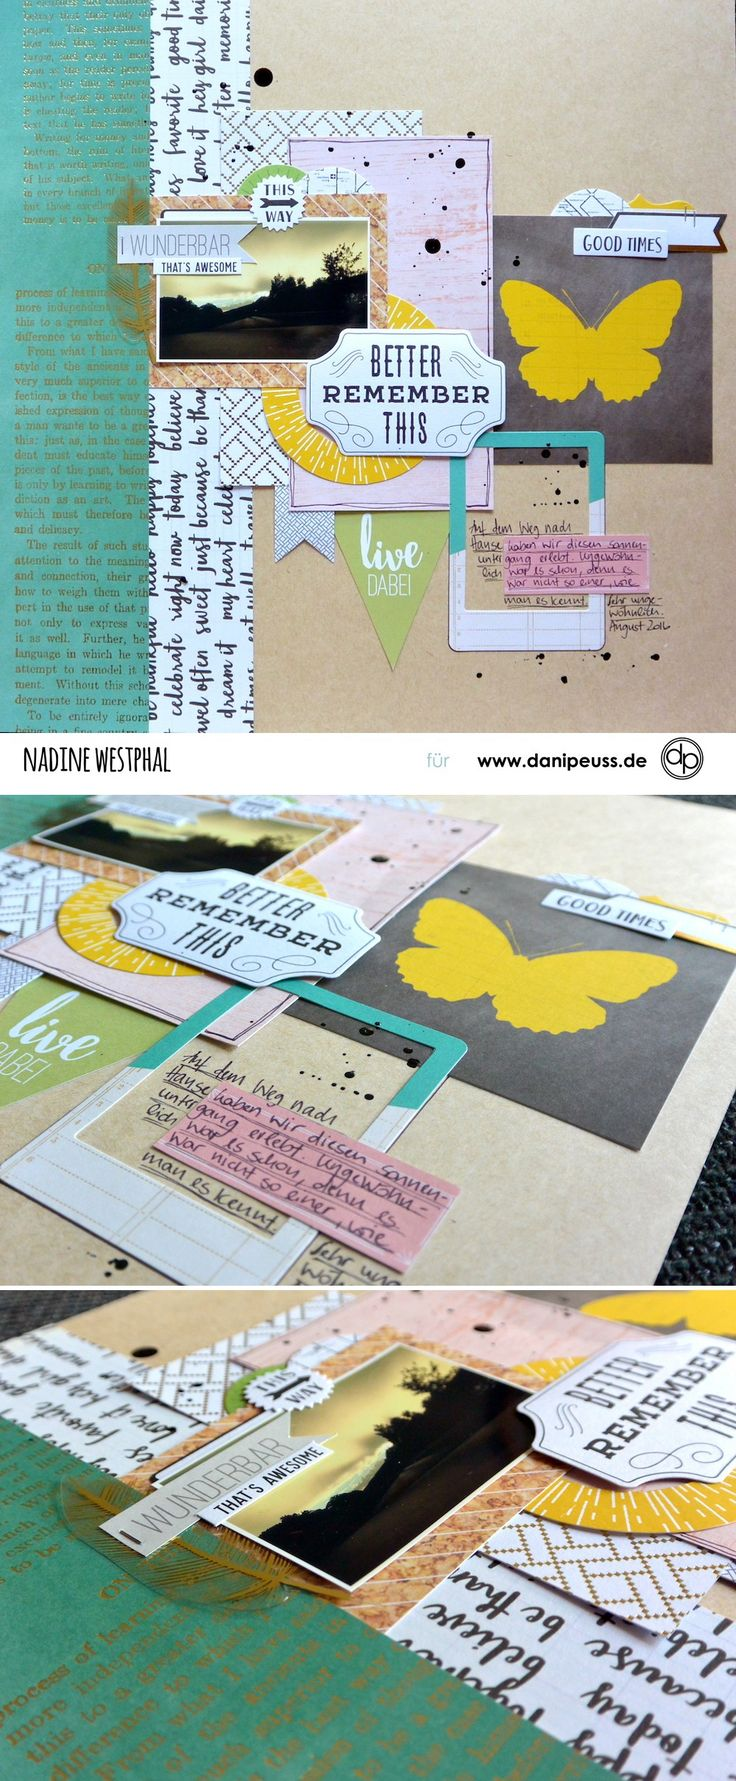 Scrapbooking Layout mit dem Junikit | von Nadine Westphal für www.danipeuss.de